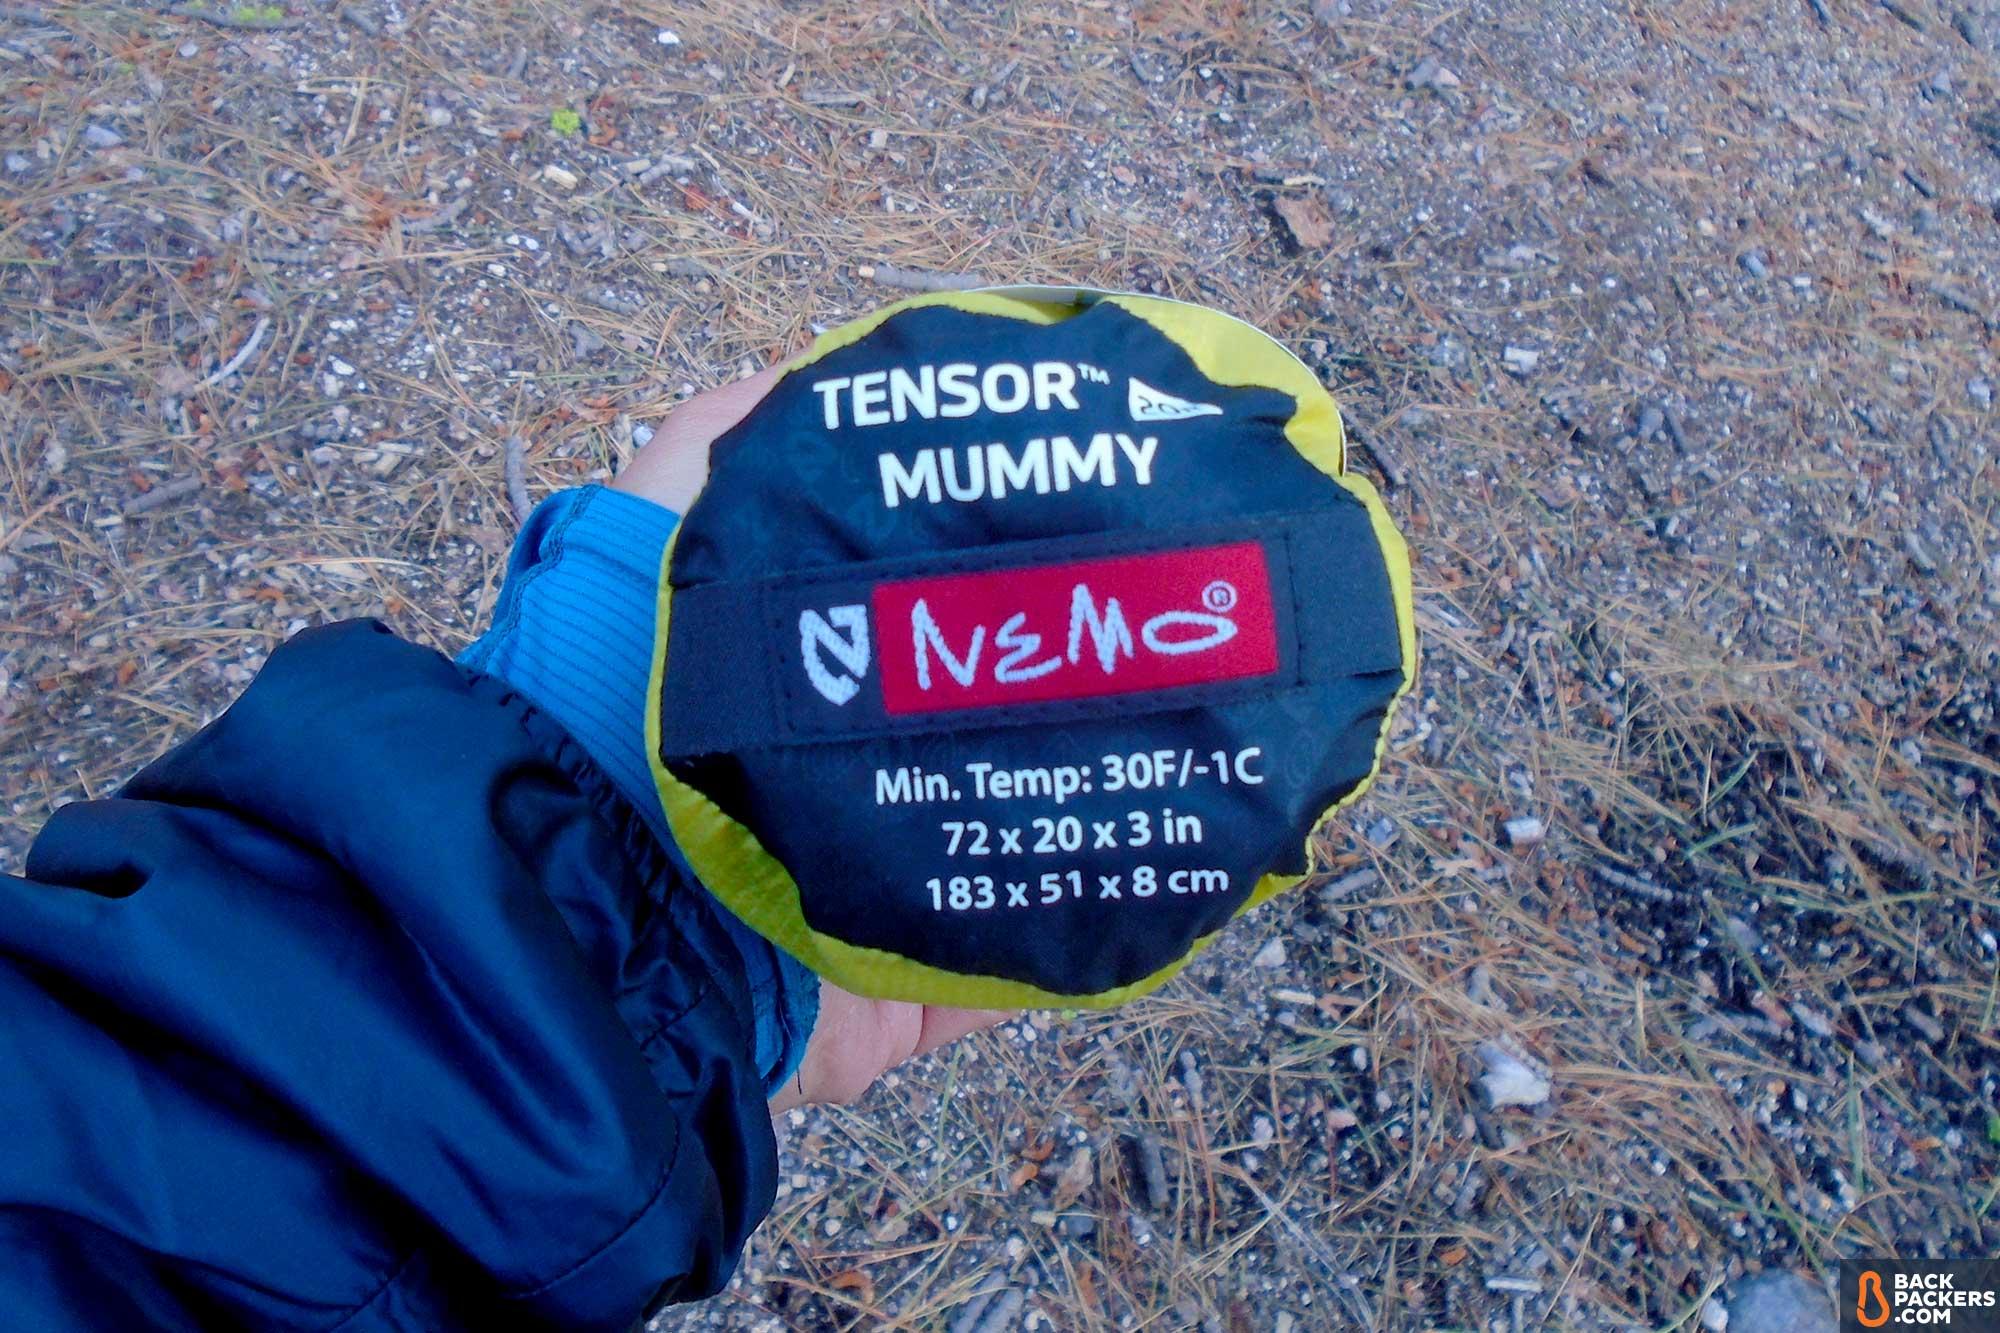 Ультралегкий надувной коврик для туризма и походов ultralight Nemo Tensor